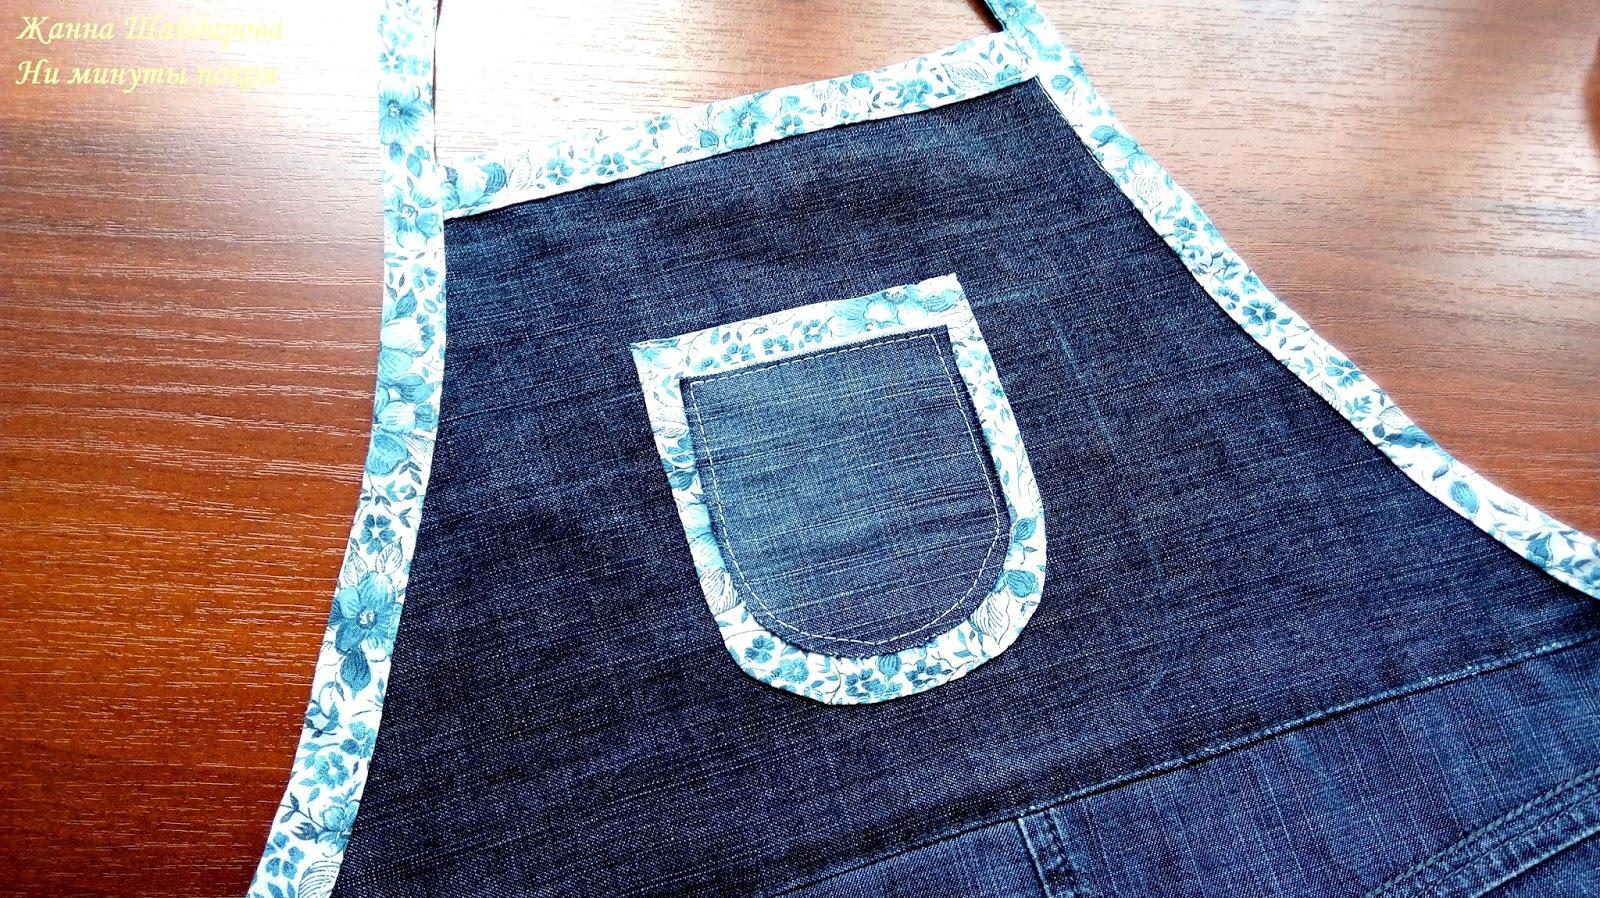 Фартуки из джинсы своими руками 481